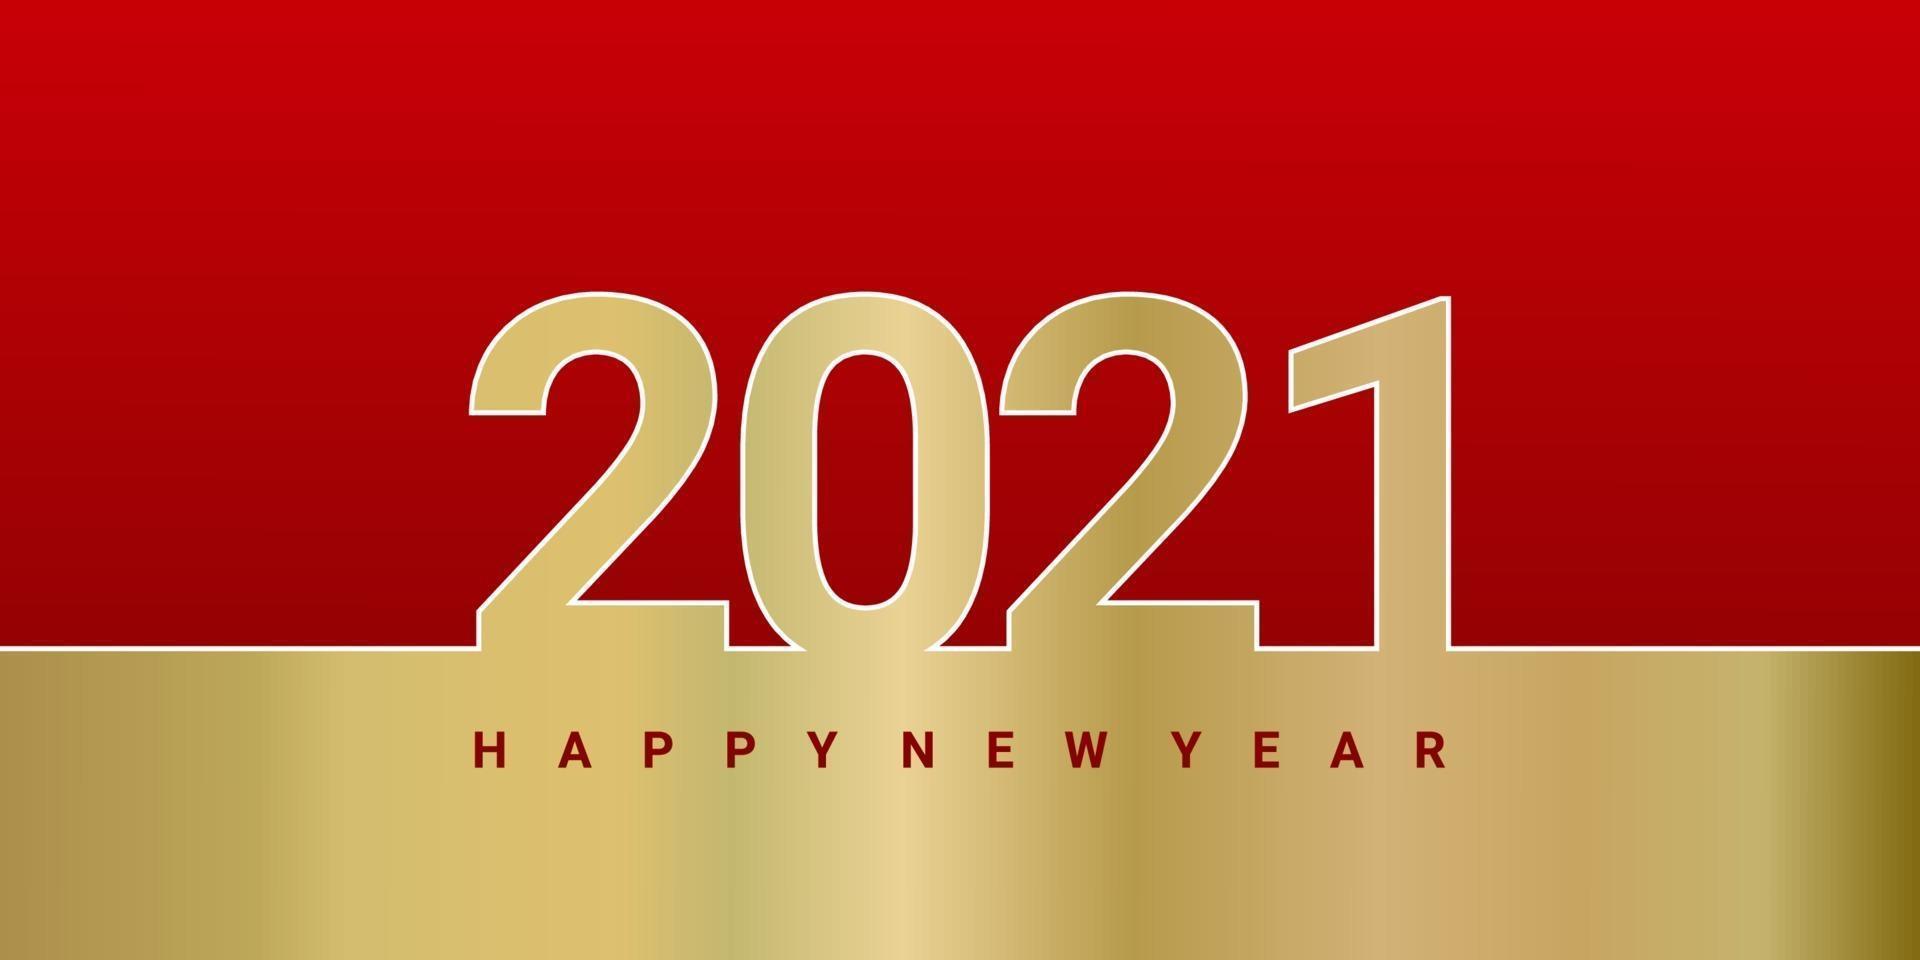 felice anno nuovo colore dorato 2021 su sfondo rosso. modello di sfondo minimalista elegante testo oro. vettore